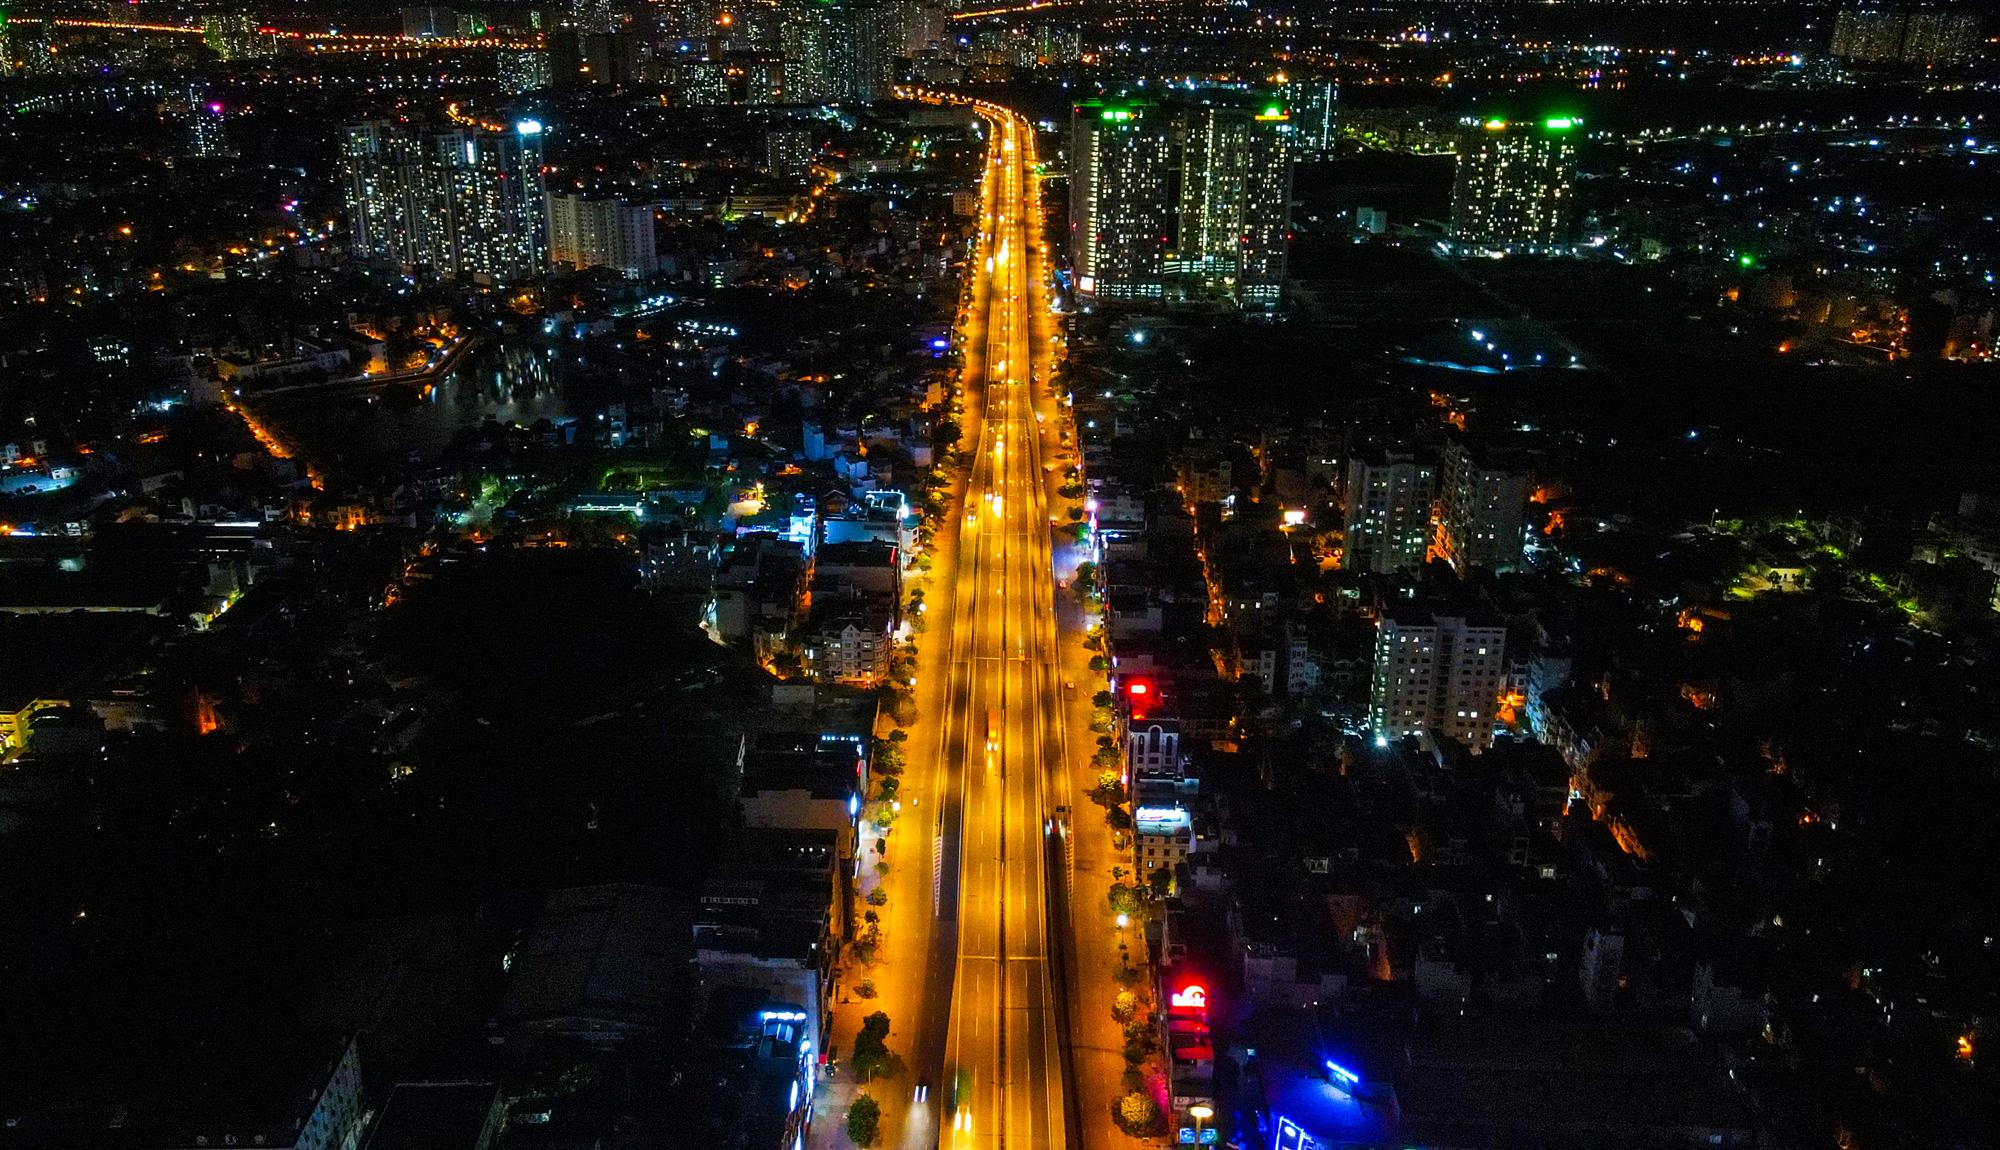 Đêm Hà Nội vắng lặng trong những ngày giãn cách xã hội - Ảnh 2.